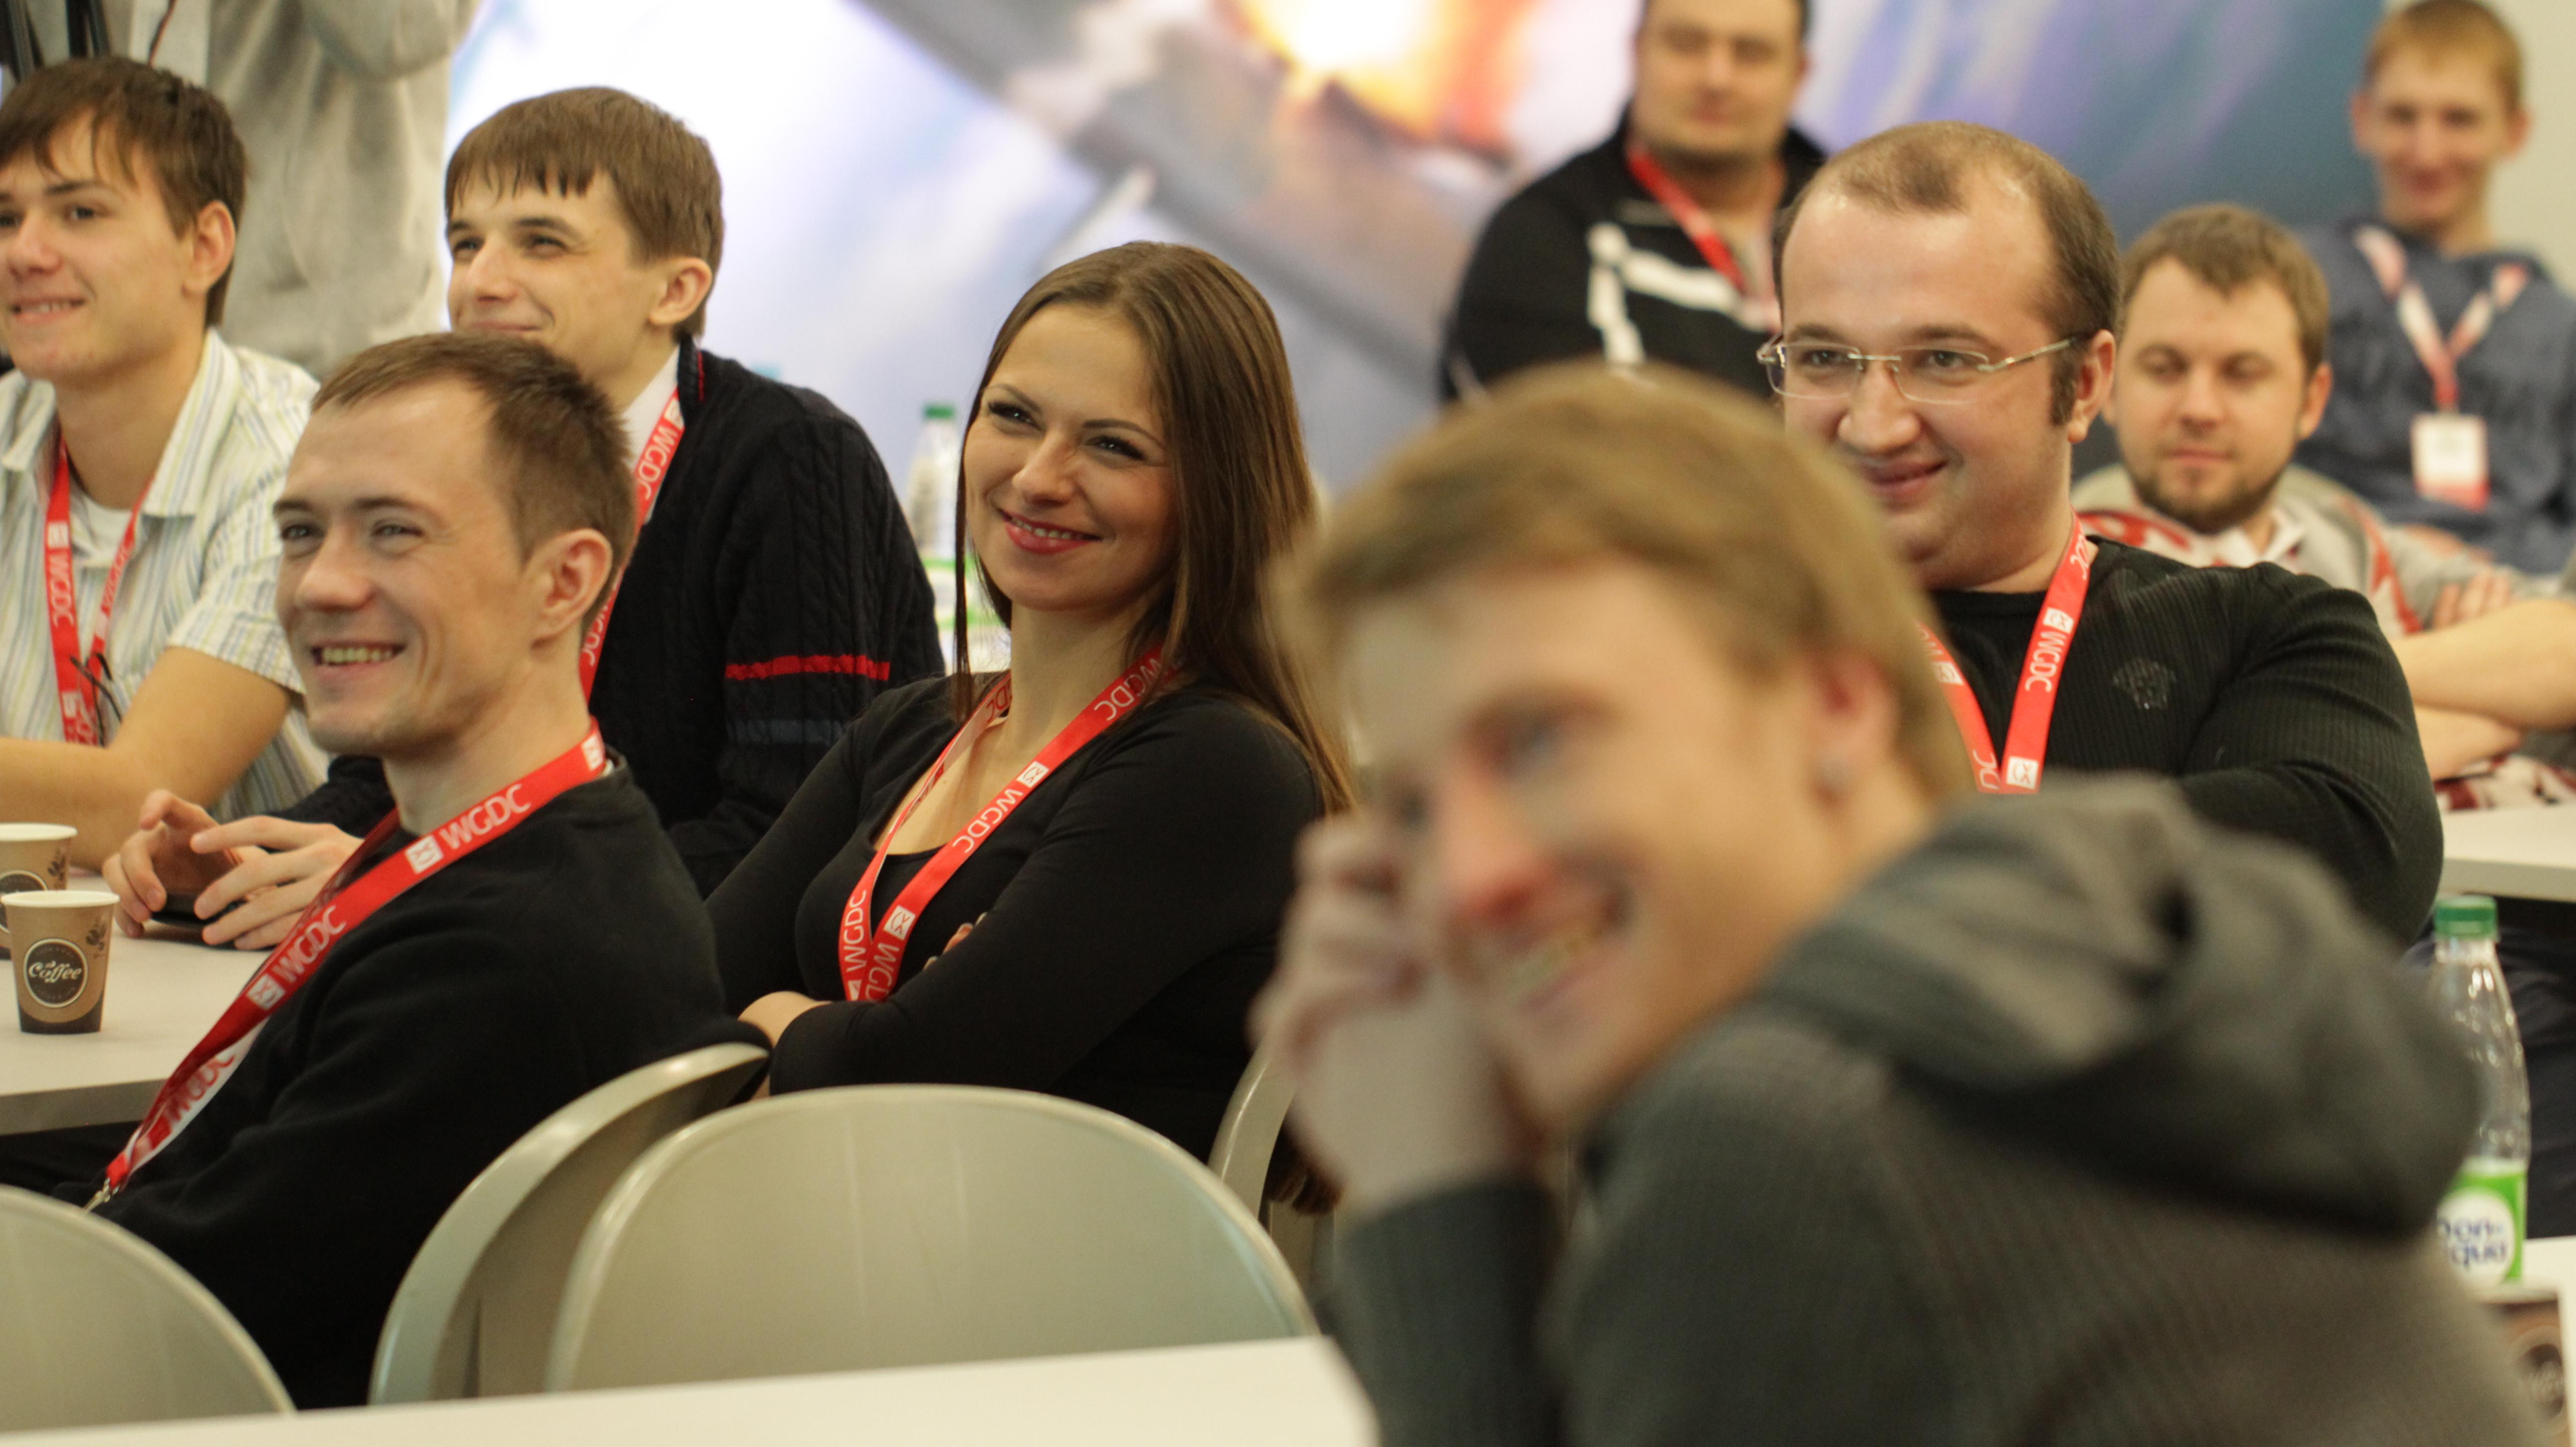 WGN_Photos_WGDC_Conference_Image_14